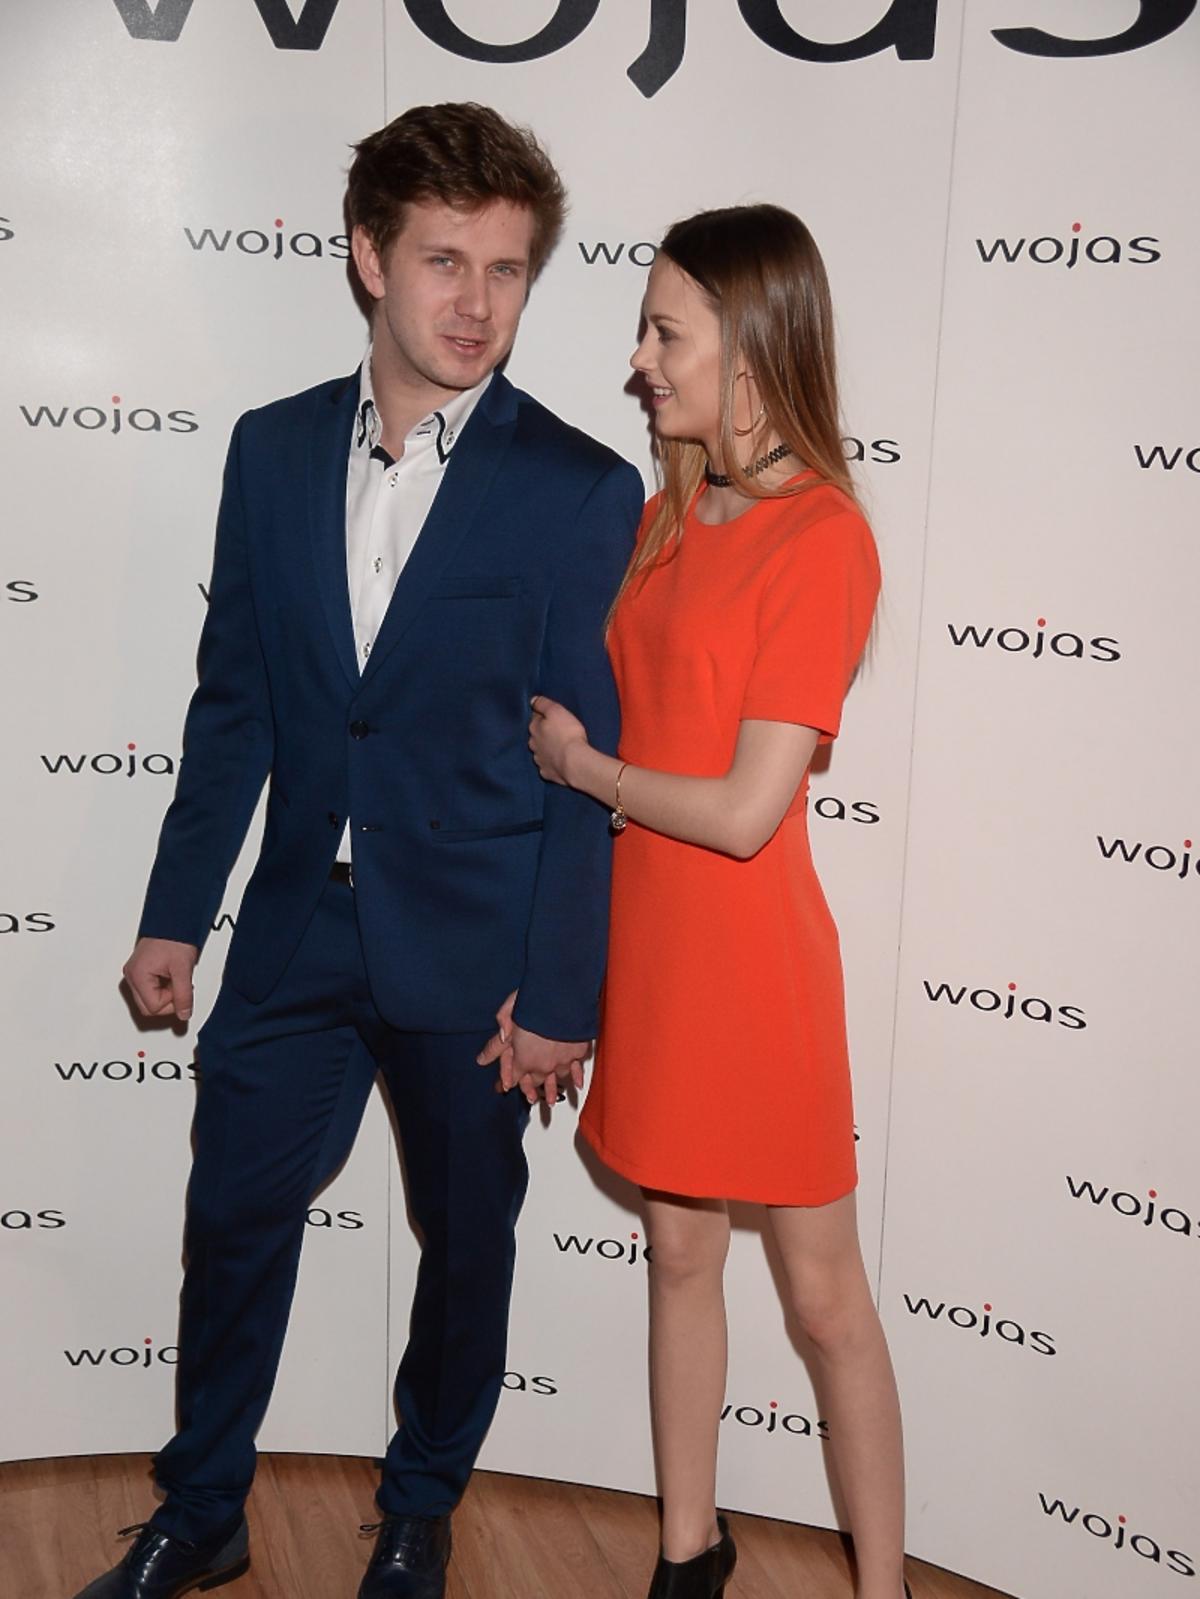 Antek Królikowski i Kasia Sawczuk na prezentacji kolekcji Wojas